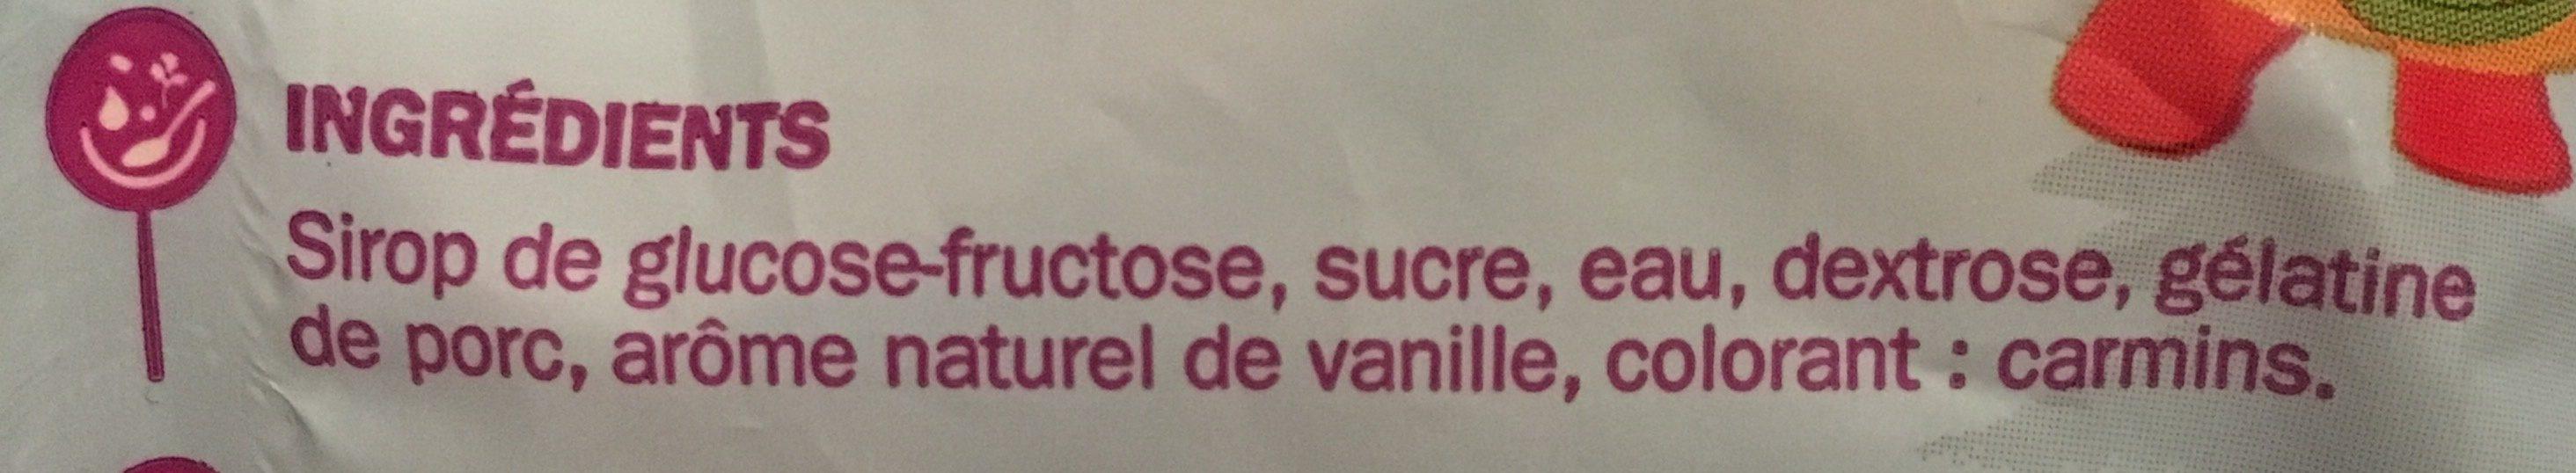 Marshmallows goût vanille - Ingrédients